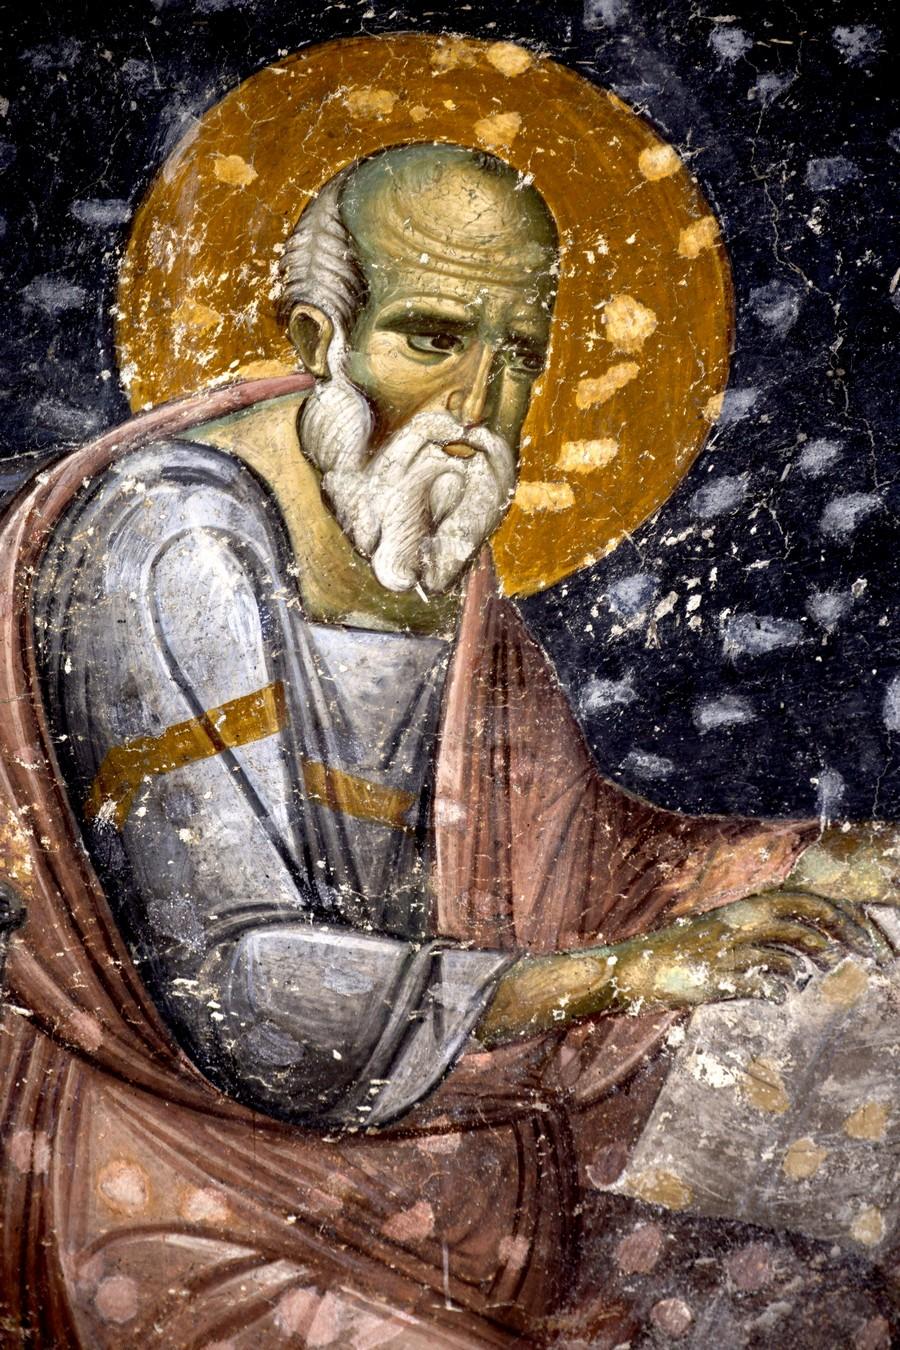 Святой Апостол и Евангелист Иоанн Богослов. Фреска церкви Святых Апостолов в монастыре Печская Патриархия, Косово и Метохия, Сербия. 1260 - 1263 годы. Фрагмент.